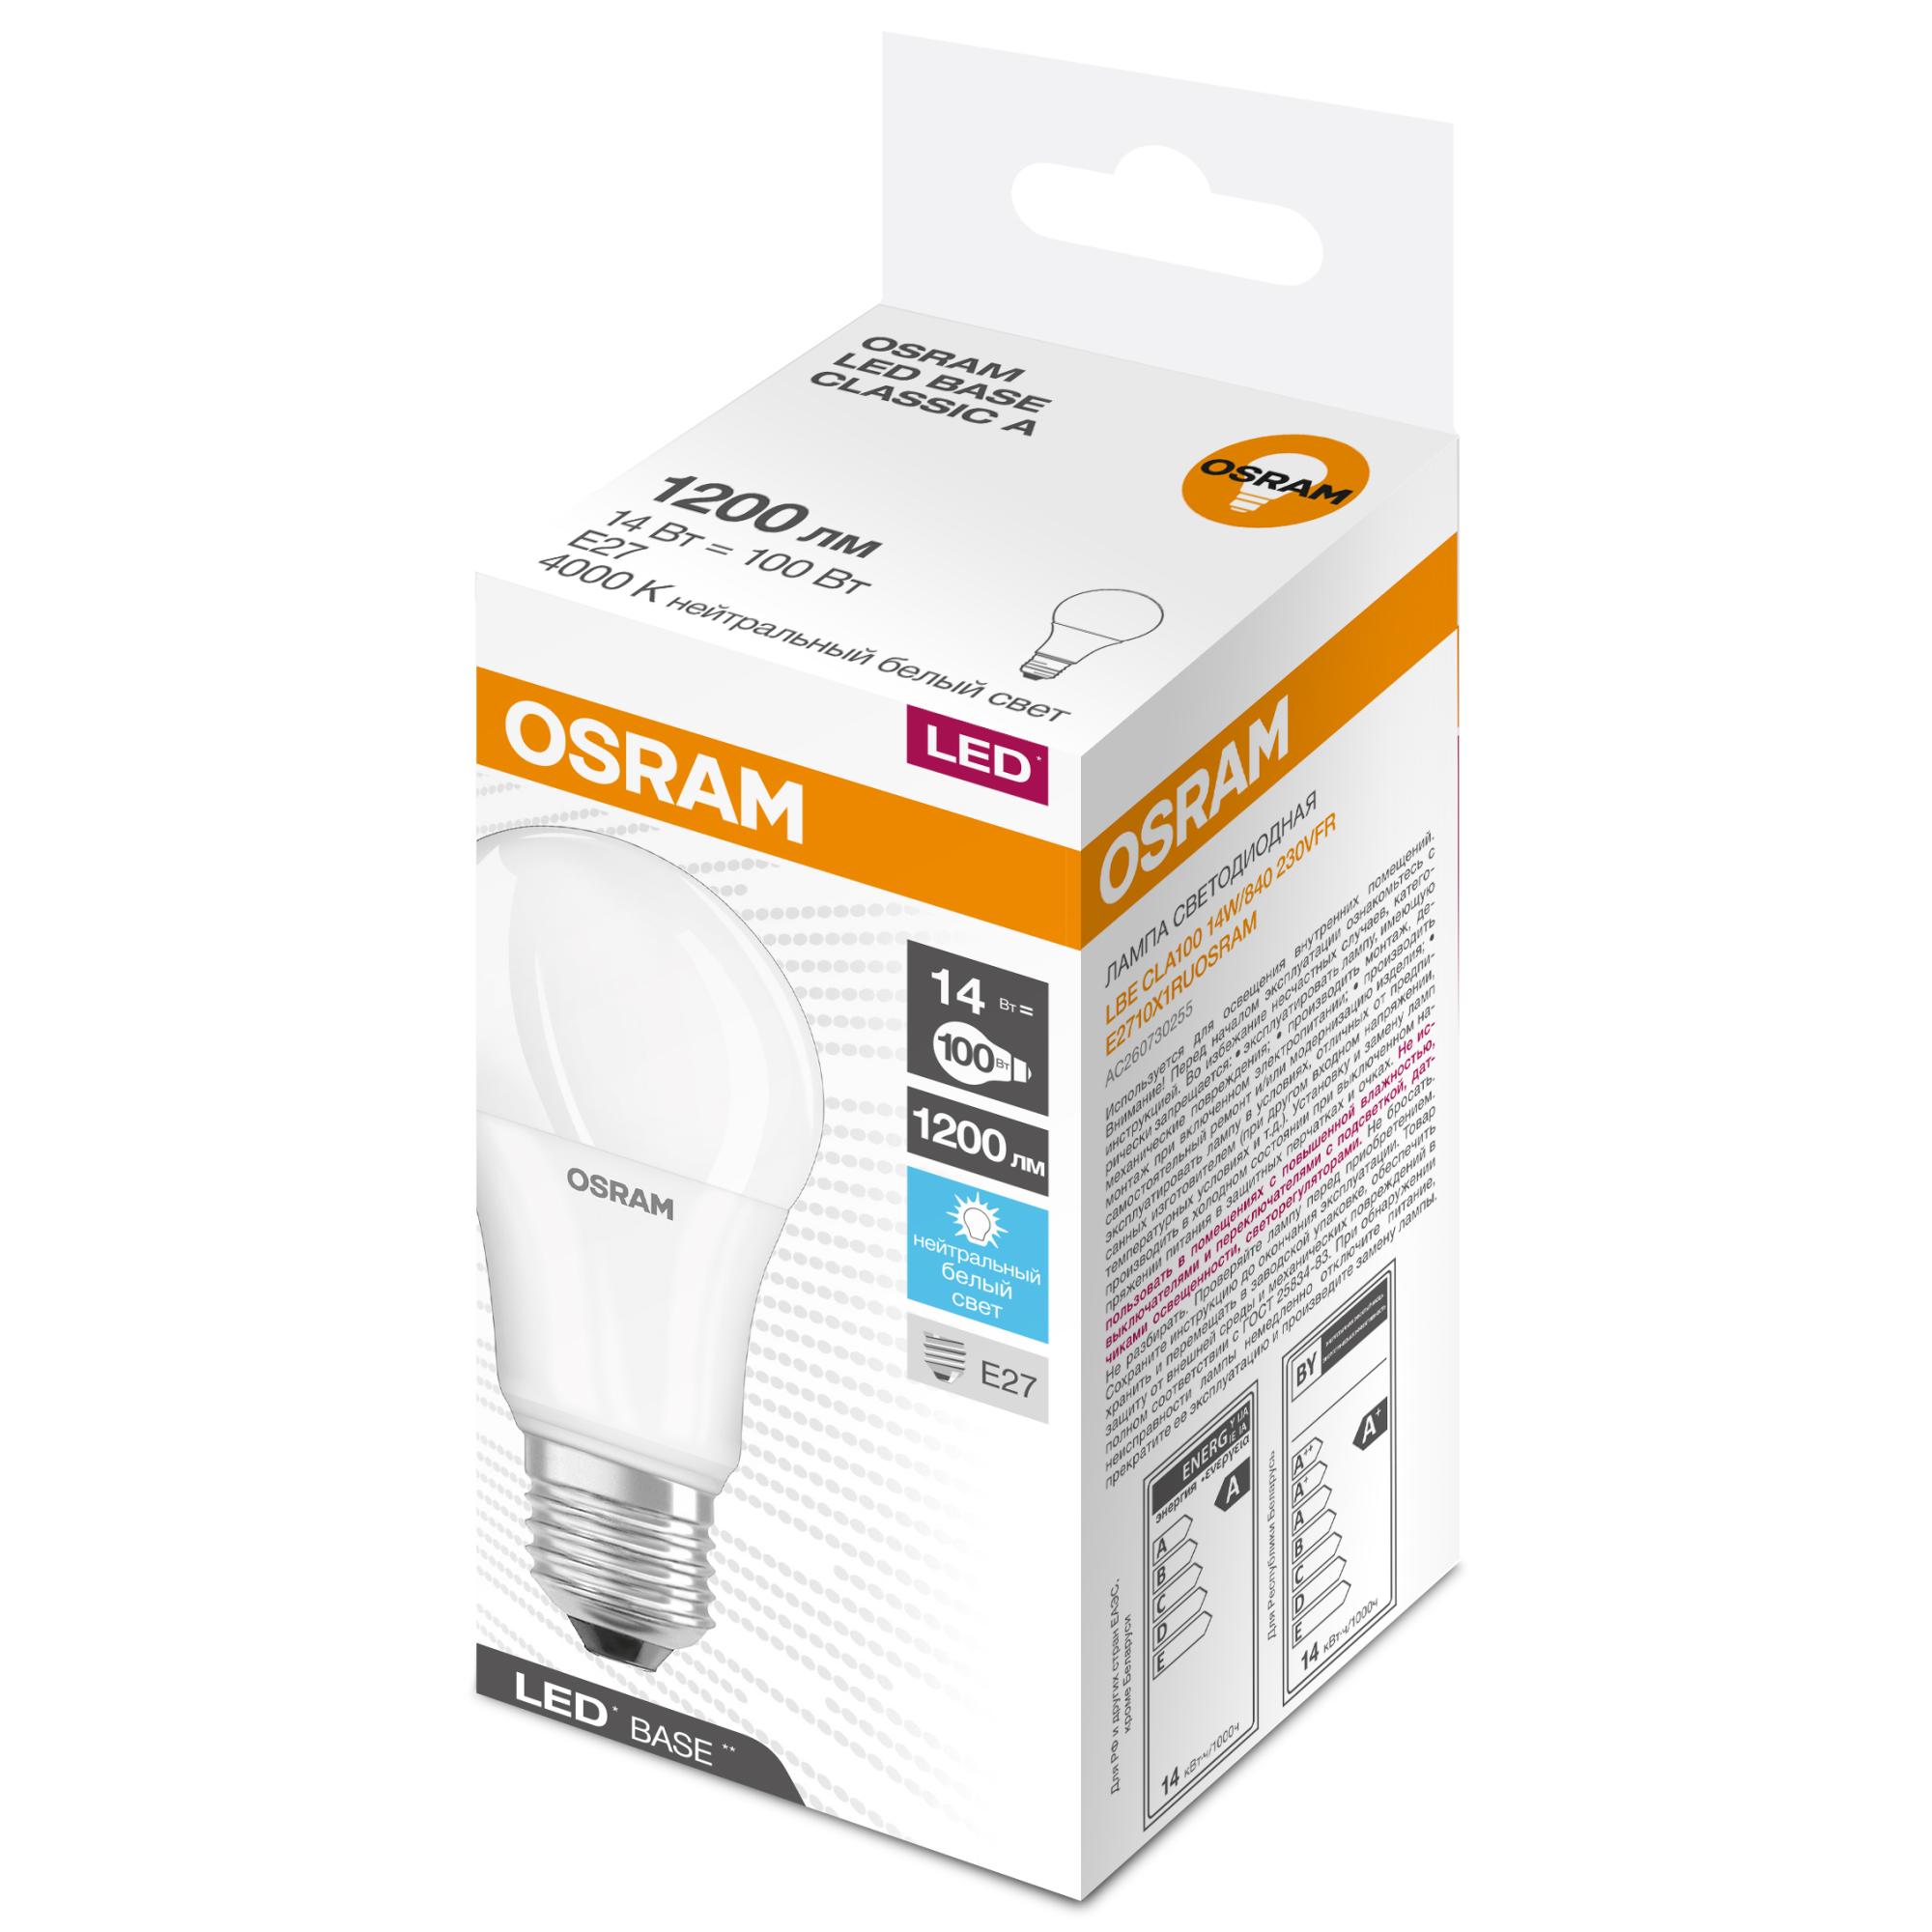 Лампа светодиодная Osram E27 220-240 В 14 Вт груша матовая 1200 лм нейтральный белый свет